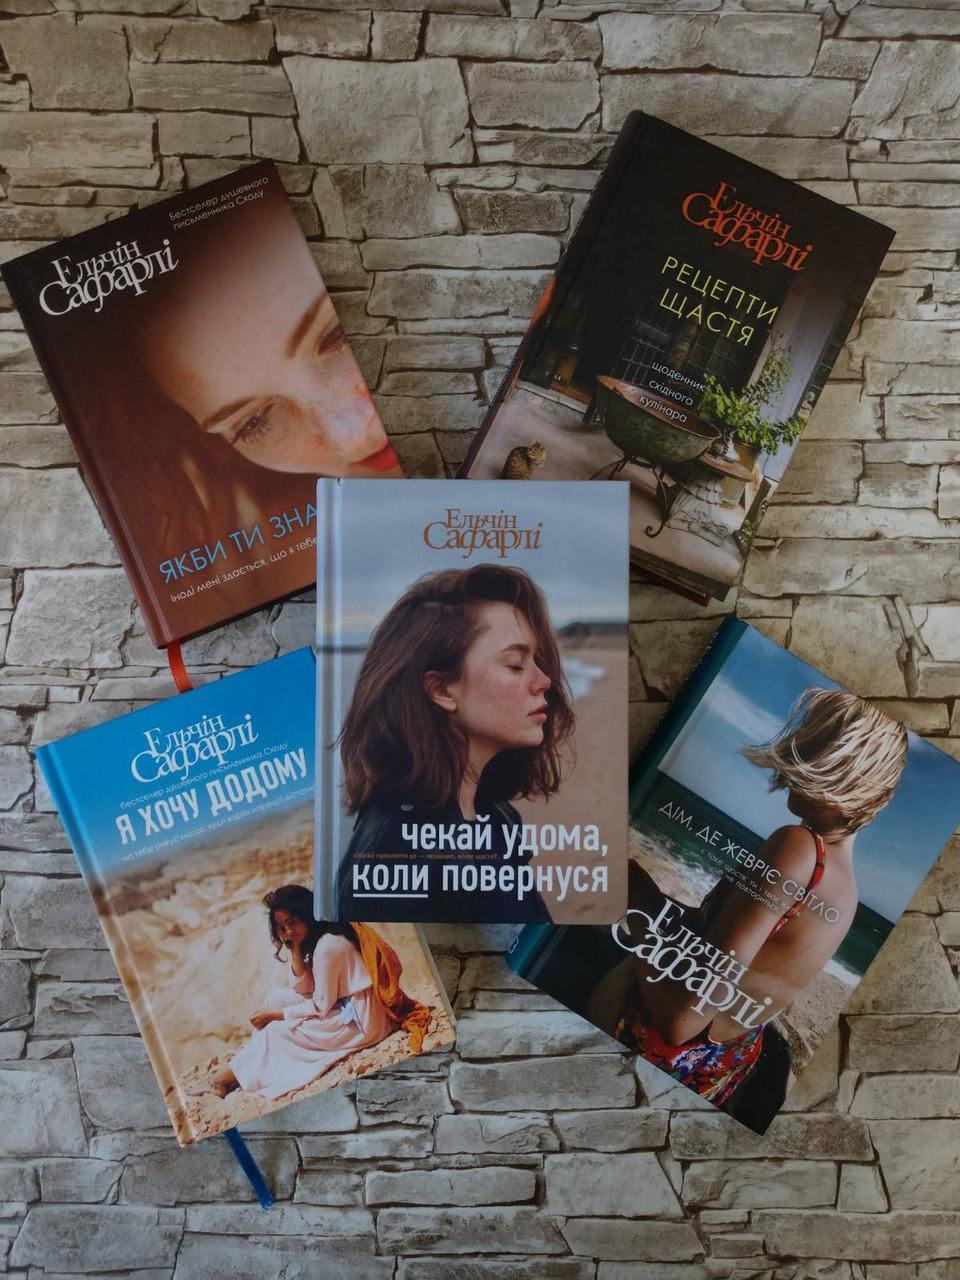 """Набір книг """"Чекай удома, коли повернуся"""", """"Дім, у якому жевріє світло"""", """"Рецепти щастя"""" та ін.Эльчін Сафарлі"""